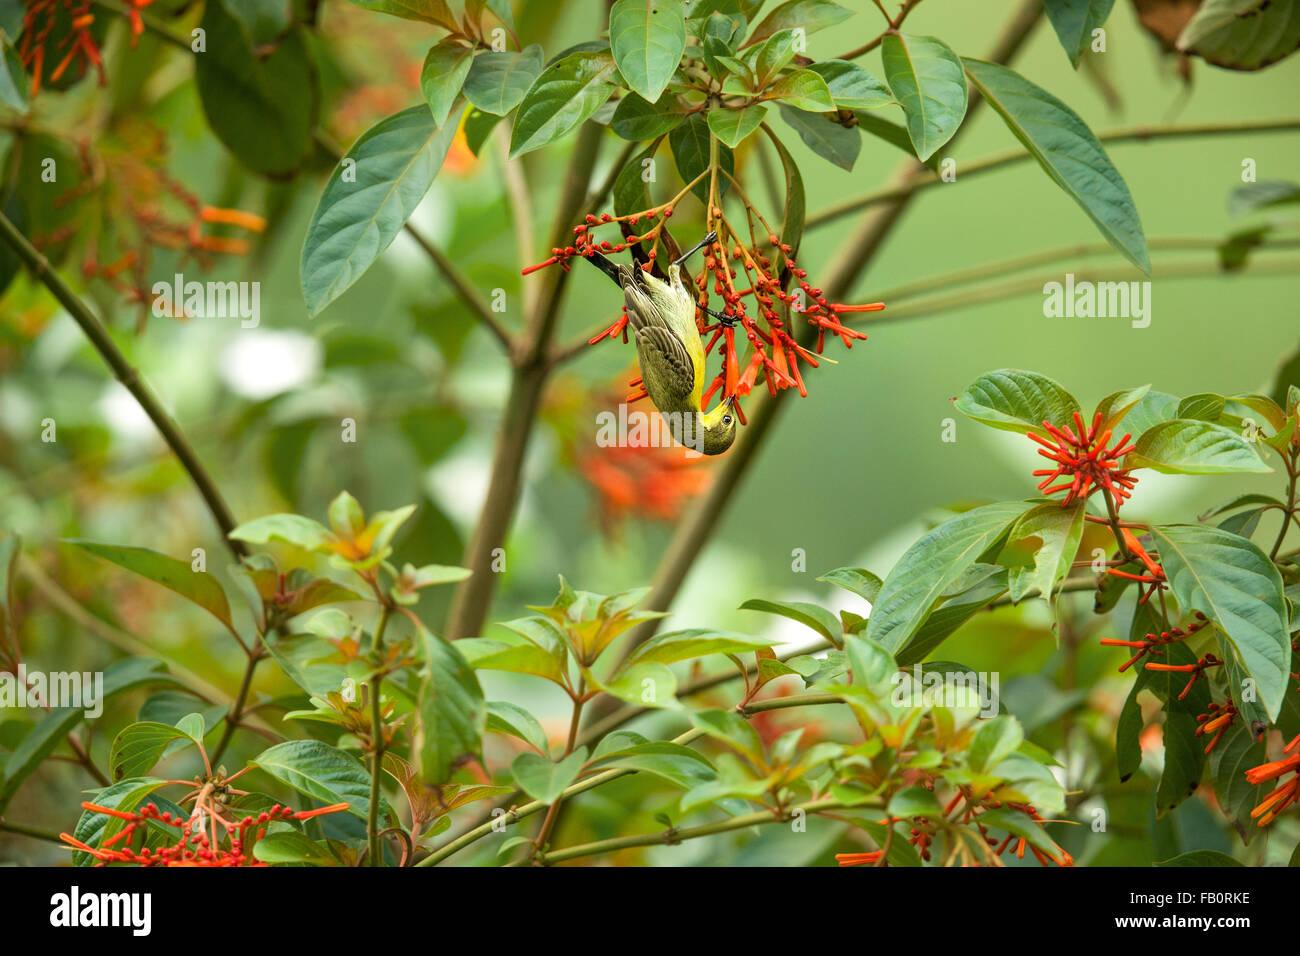 Sunbird sucking nectar - Stock Image